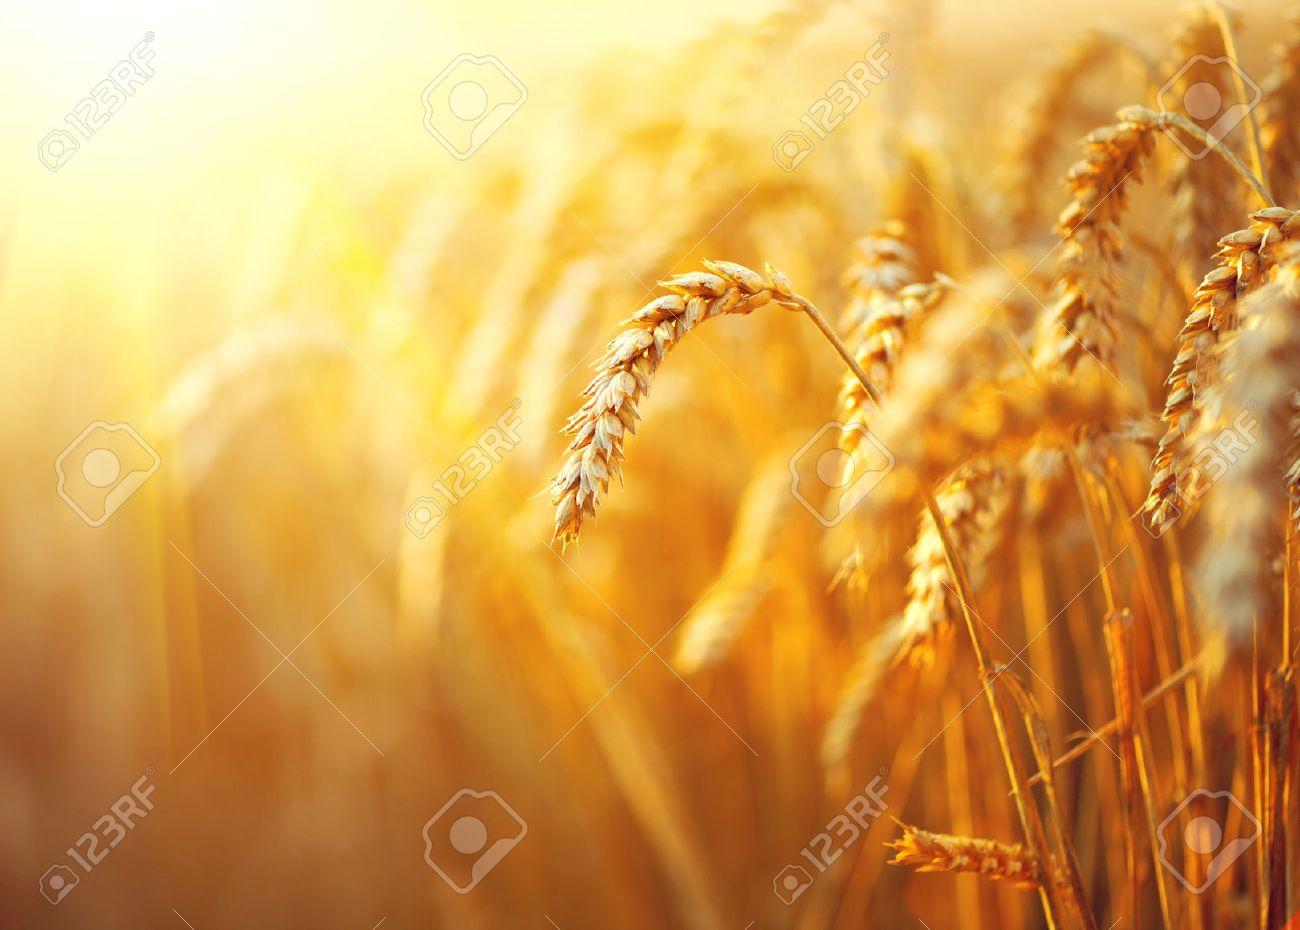 Wheat field. Ears of golden wheat closeup. Rural scenery under shining sunlight - 51140712